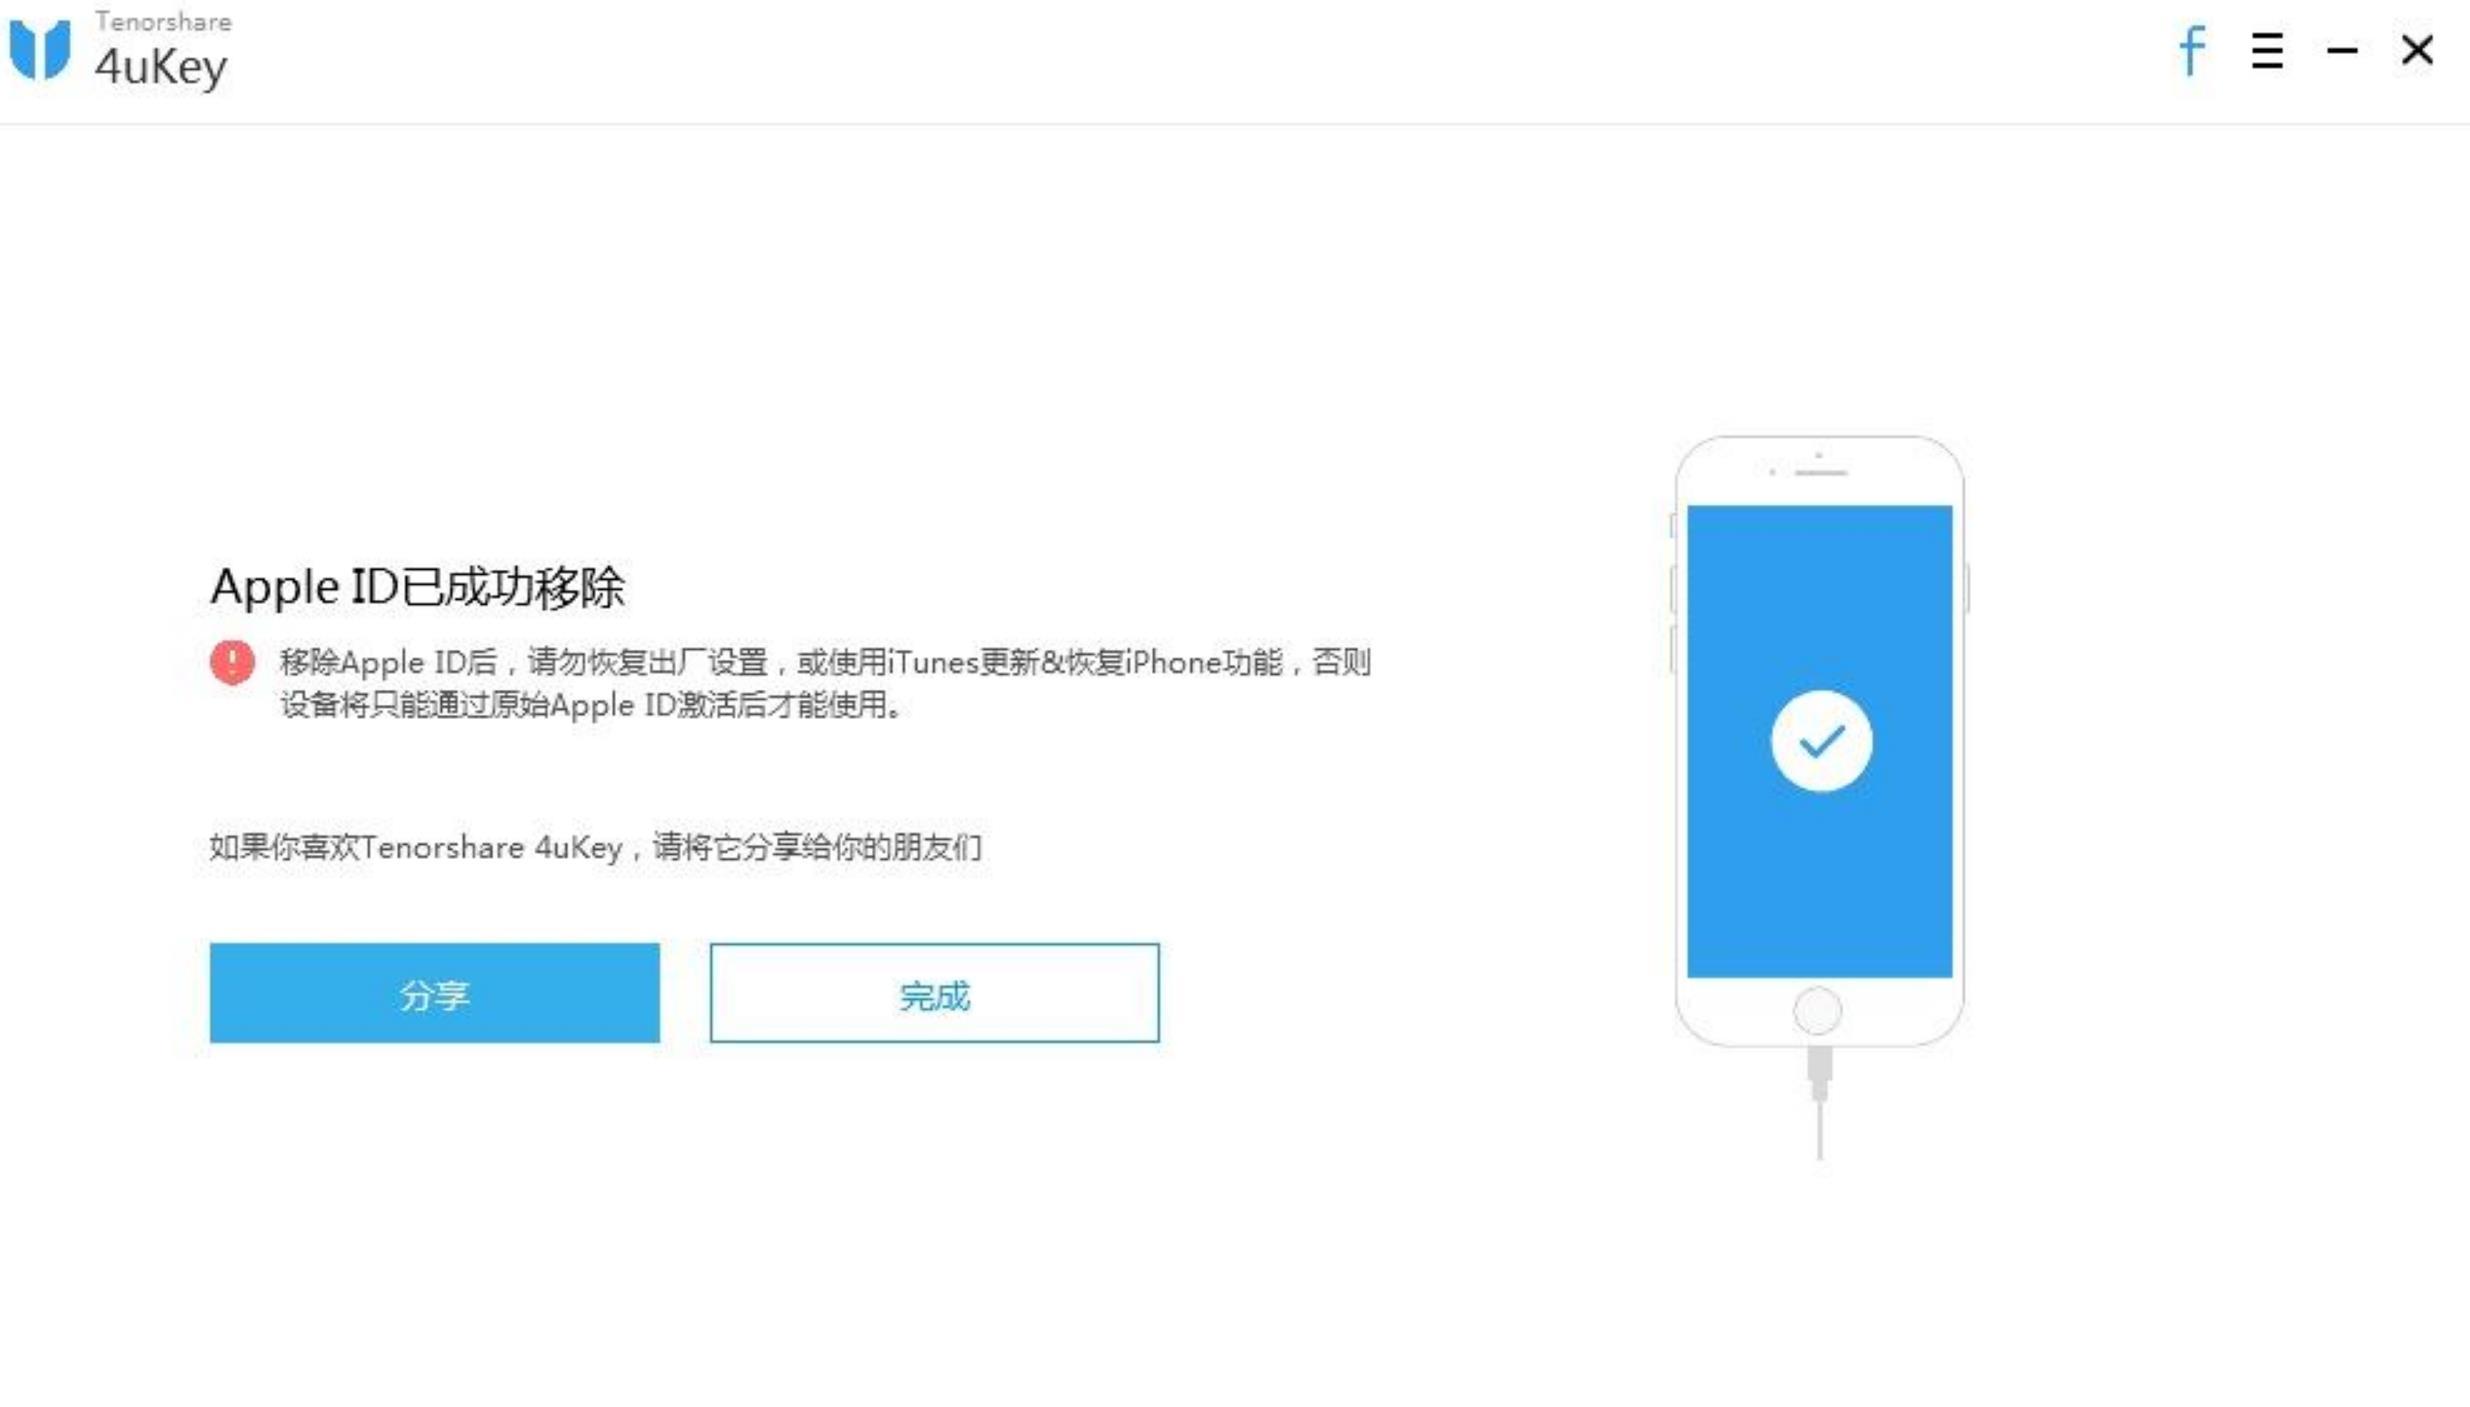 一键解锁iphone密码和专业Apple ID删除工具|前言